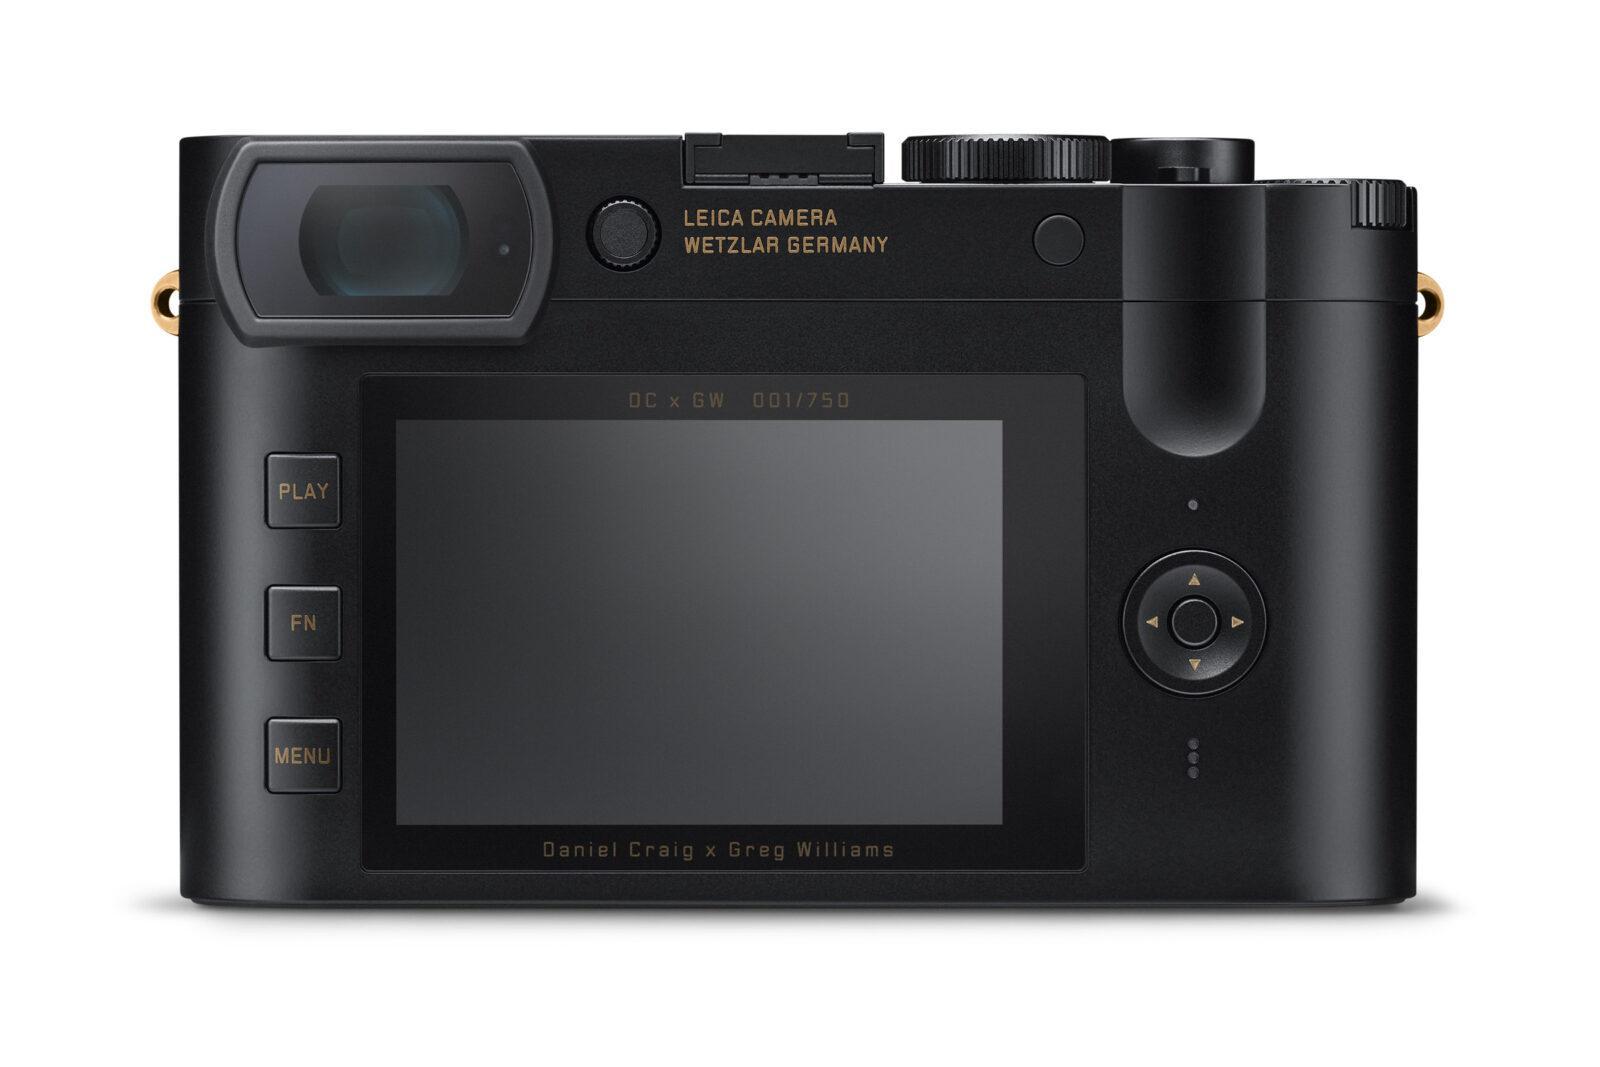 Leica объединилась с Дэниелом Крэйгом и Грегом Уильямсом чтобы выпустить новую версию камеры Leica Q2 (dcgw back lores srgb)